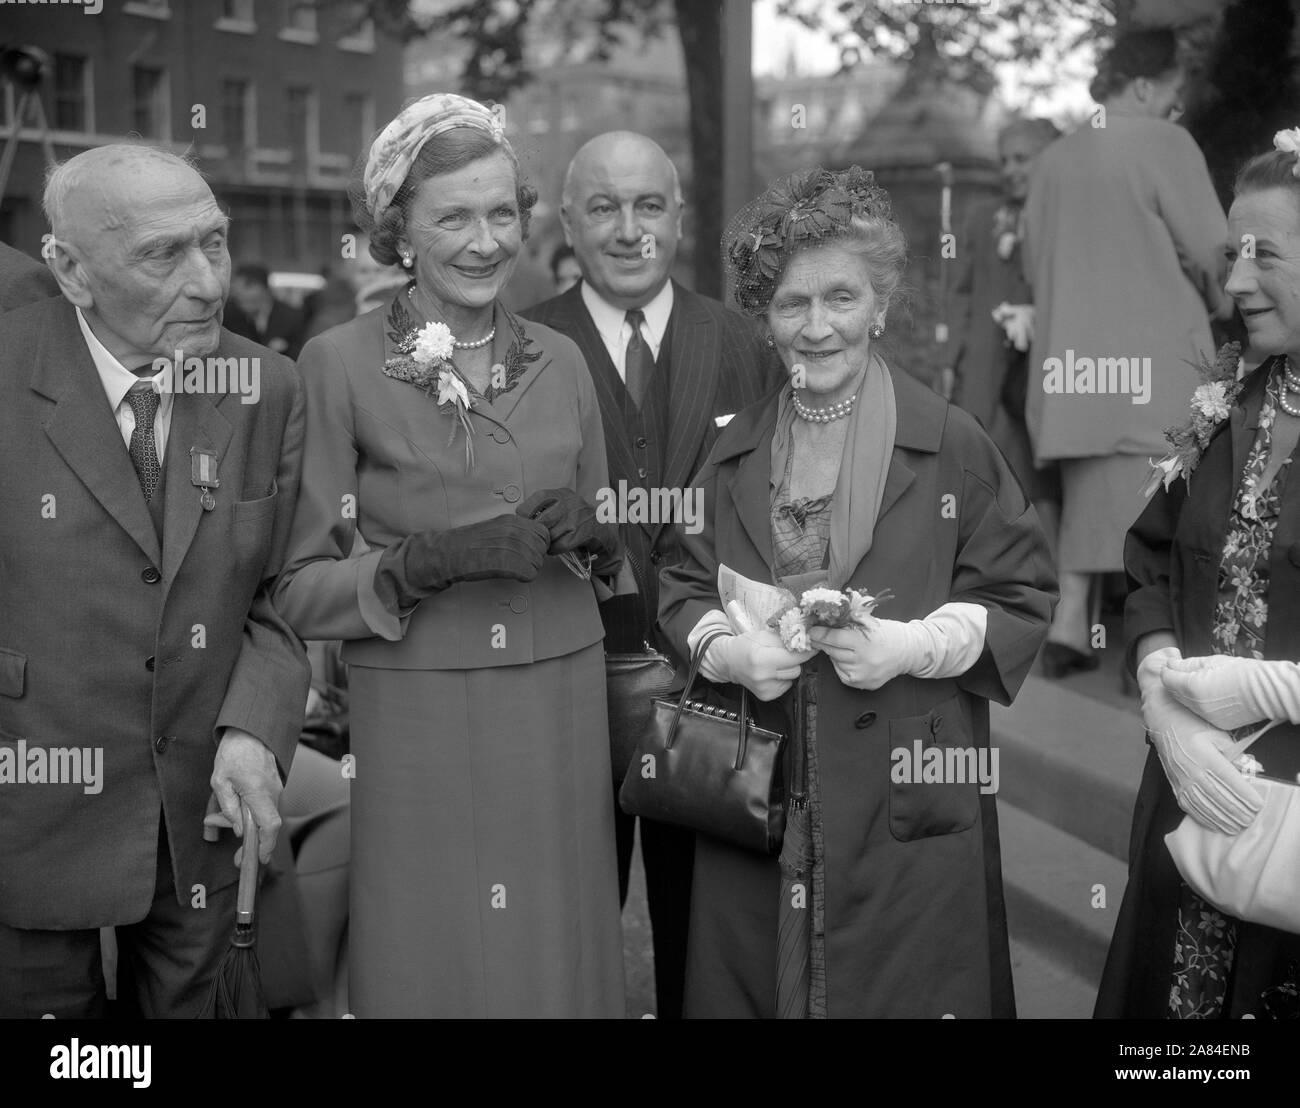 Nancy Astor, Vicomtesse Astor (à droite), un américain et la première femme à siéger à la Chambre des communes britannique, et Lord Pethick-Lawrence (à gauche), qui a souffert l'emprisonnement pour le soutien du droit de vote pour les femmes, avec la comtesse Mountbatten et Lord Kilmuir, Lord Chancelier, lors de l'inauguration d'un mémorial à Dame Sylvain Pankhurst à Victoria Tower Gardens à côté de la Chambre des Lords, à Londres. Banque D'Images